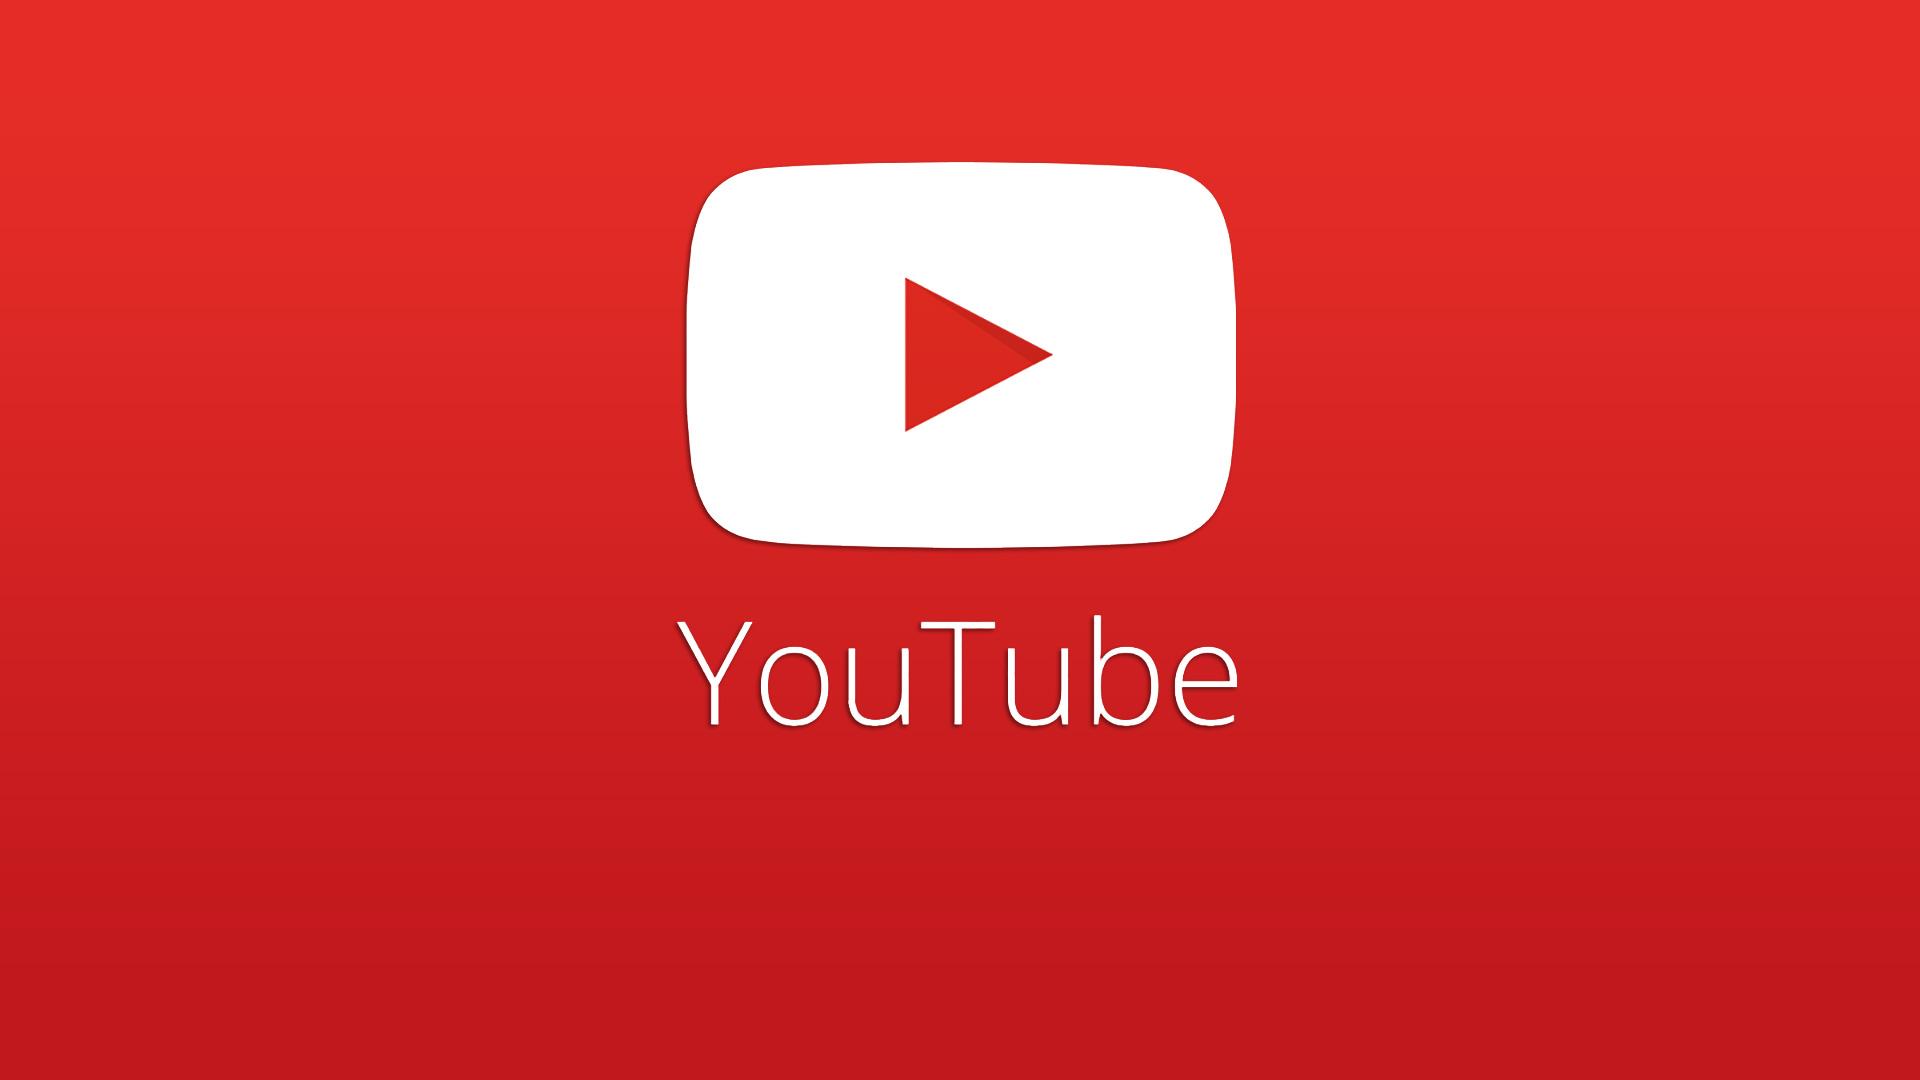 сайты с хорошим качеством видео тубе - 1